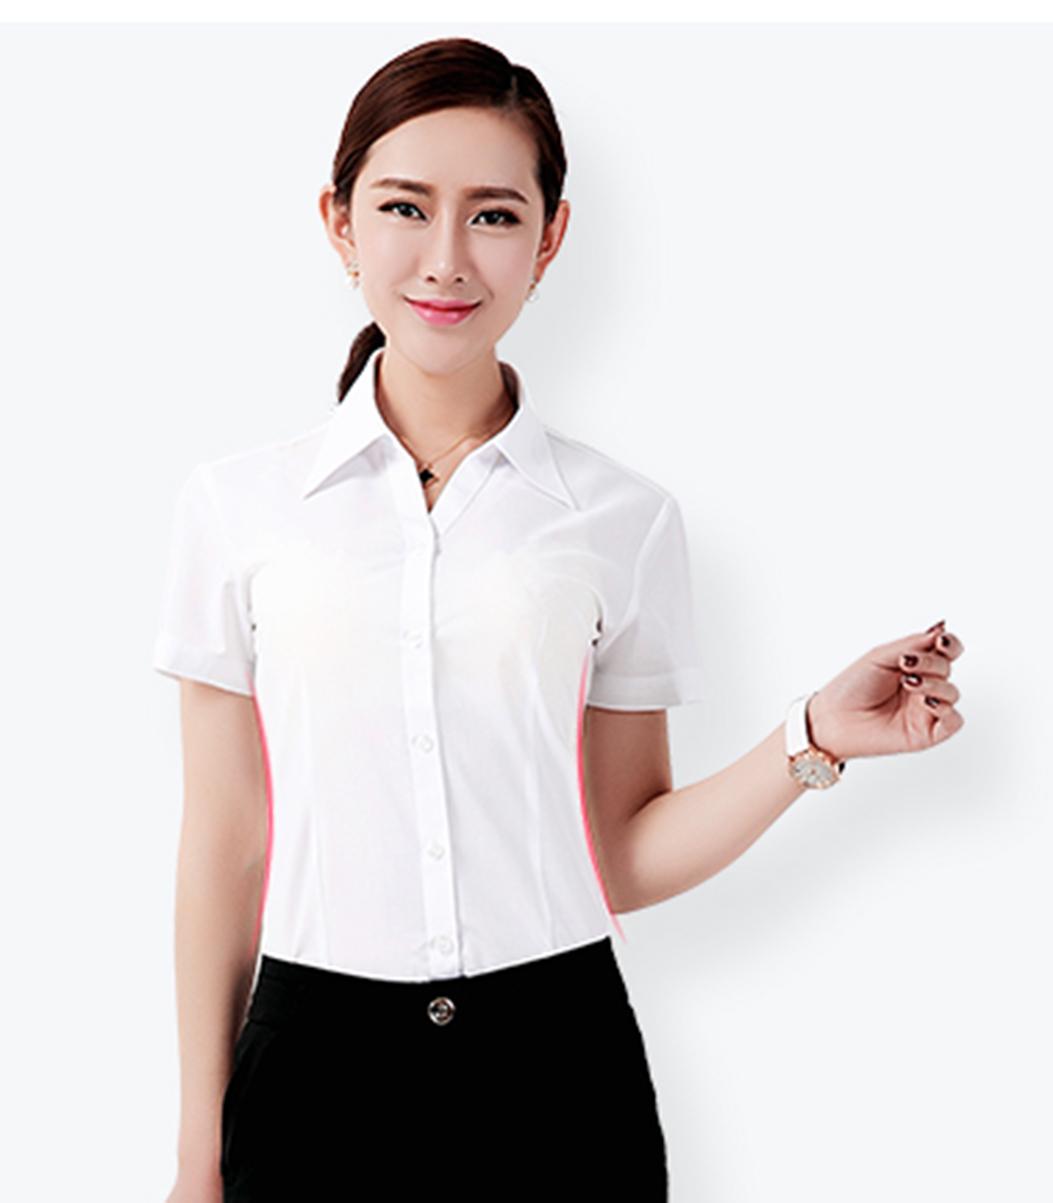 苏州T恤设计 苏州T恤设计哪有 苏州T恤设计哪家好 尚美供